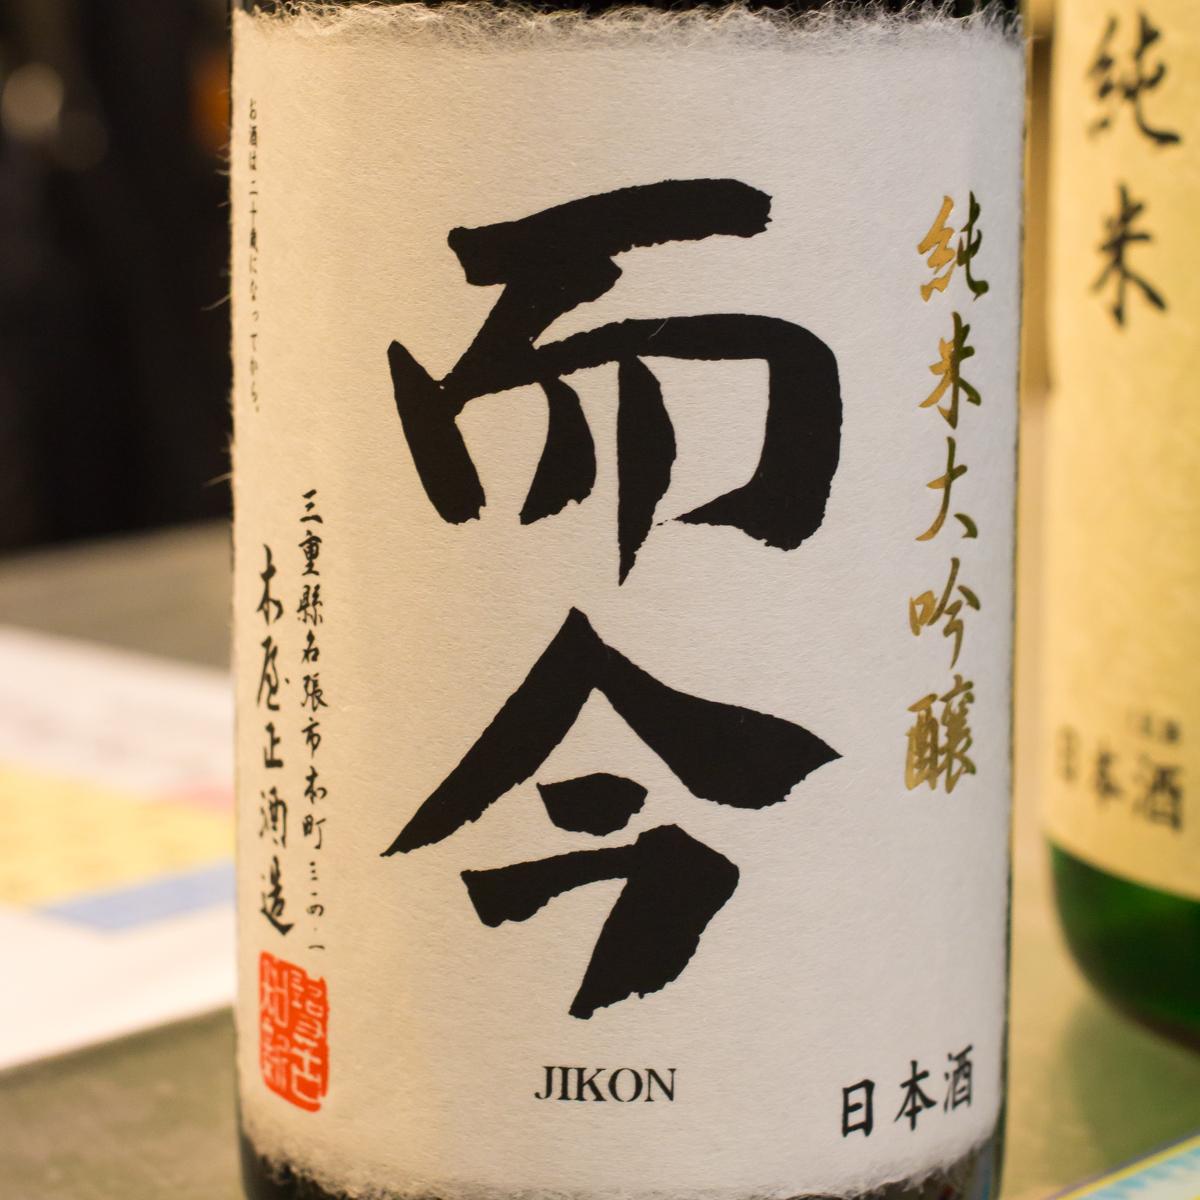 鈴木三河屋「お酒のゼミナール」(7)